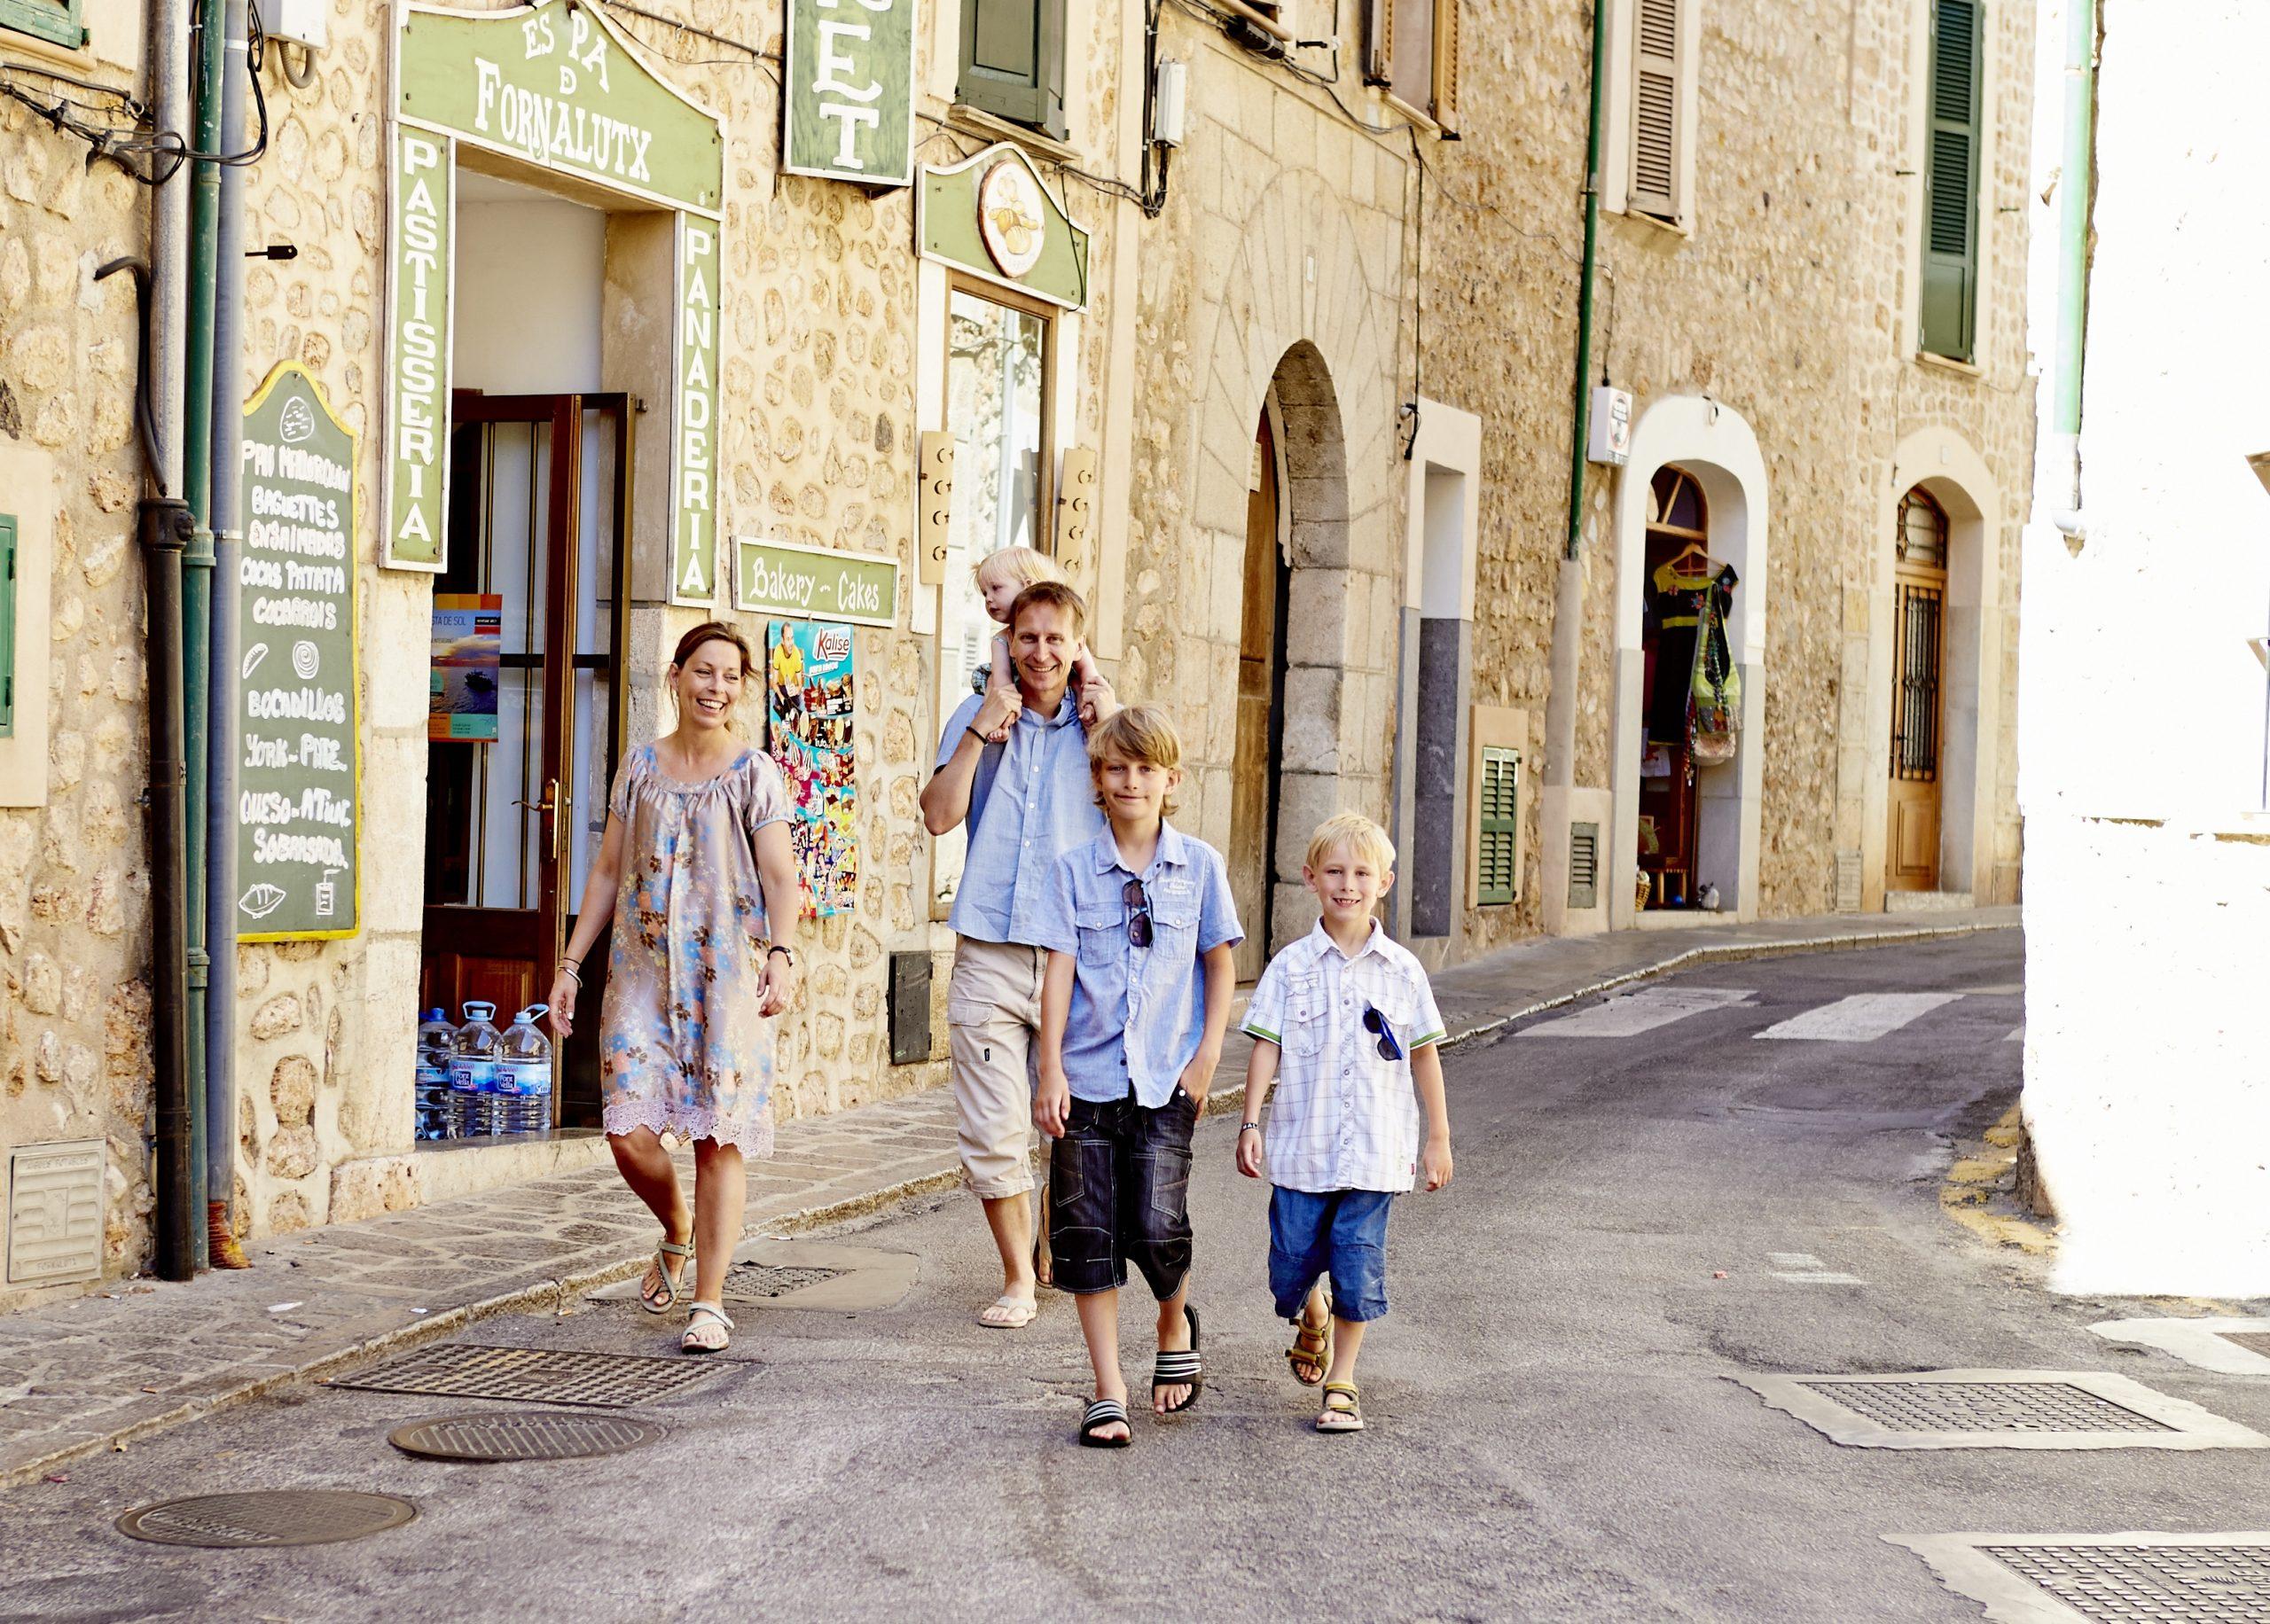 Rejsebranchen ærgrer sig over, at statsministeren med udtalelser har trykket lidt på bremsen for at rejse. Arkivfoto fra Mallorca: Bravo Tours.